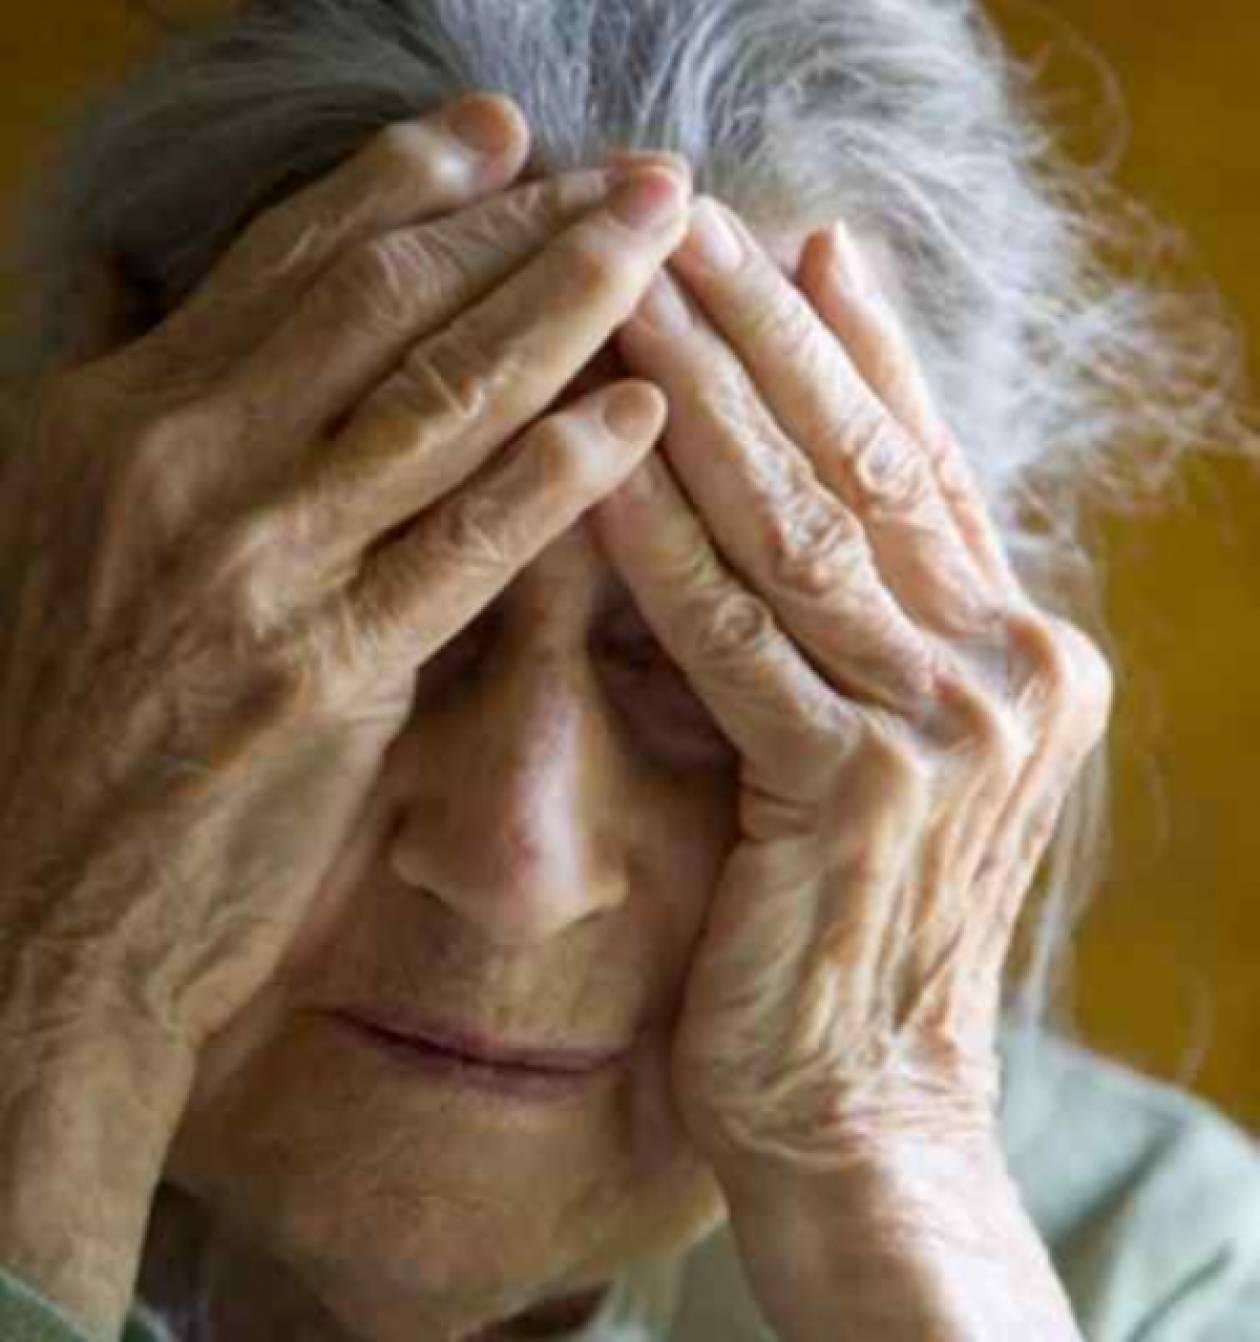 Χτύπησαν ηλικιωμένη και της άρπαξαν τις οικονομίες